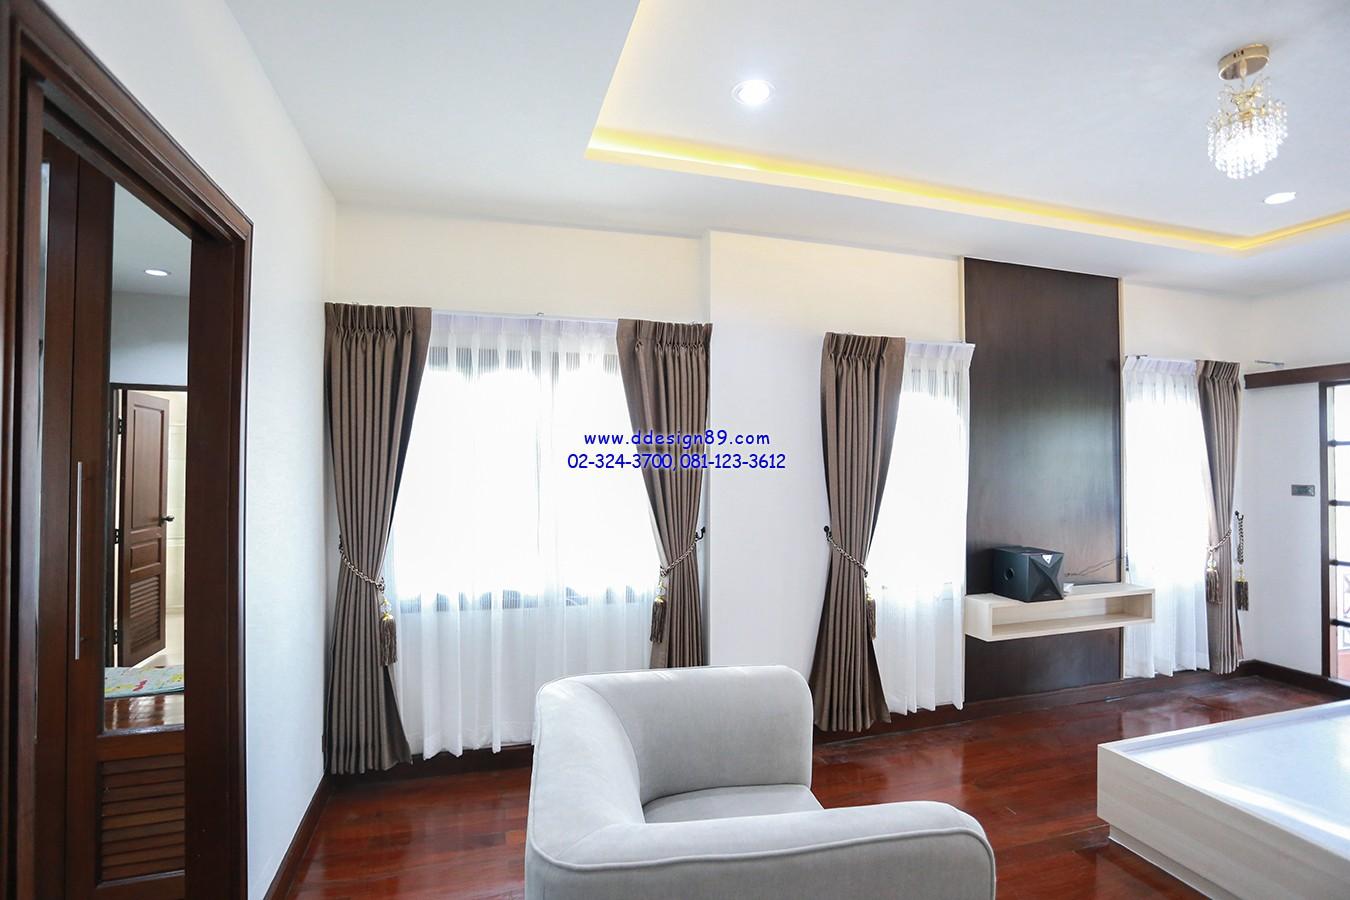 ติดม่านสีน้ำตาล ไล่ระดับโทนสีในห้องไปในทิศทางเดียวกัน ทำให้ห้องมีมิติสวยงาม